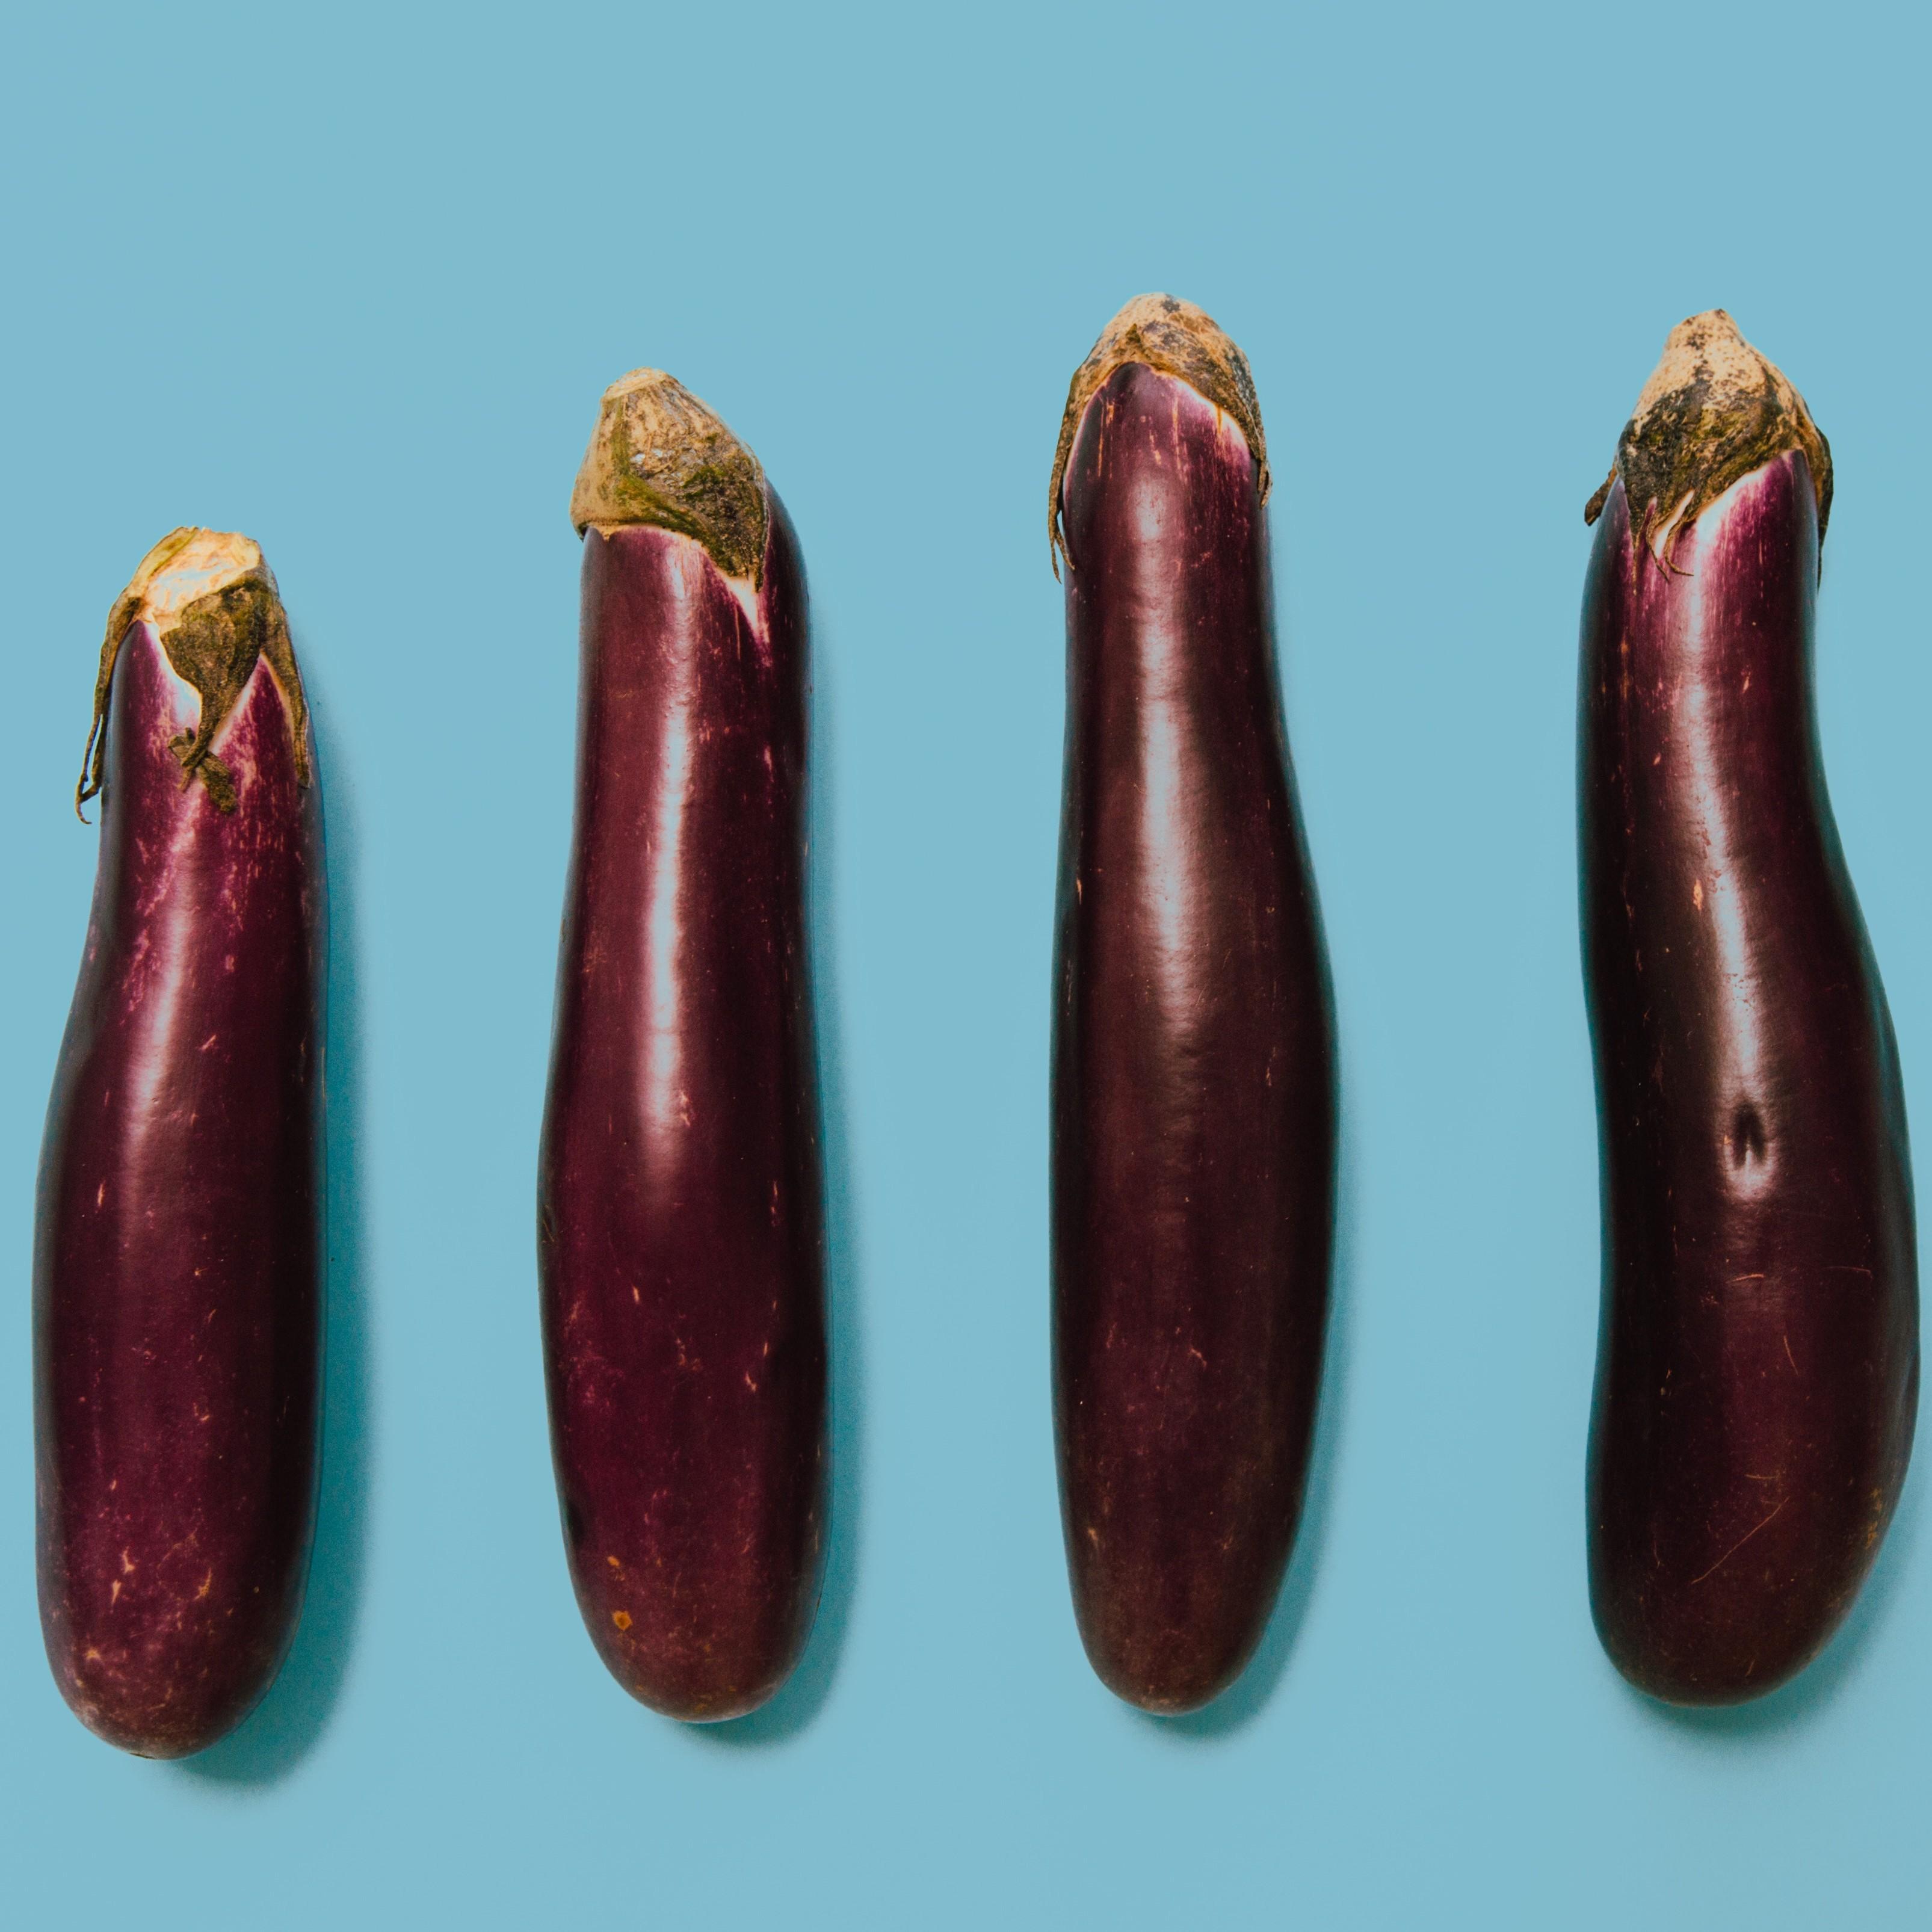 Marirea penisului - Livrare Rapida